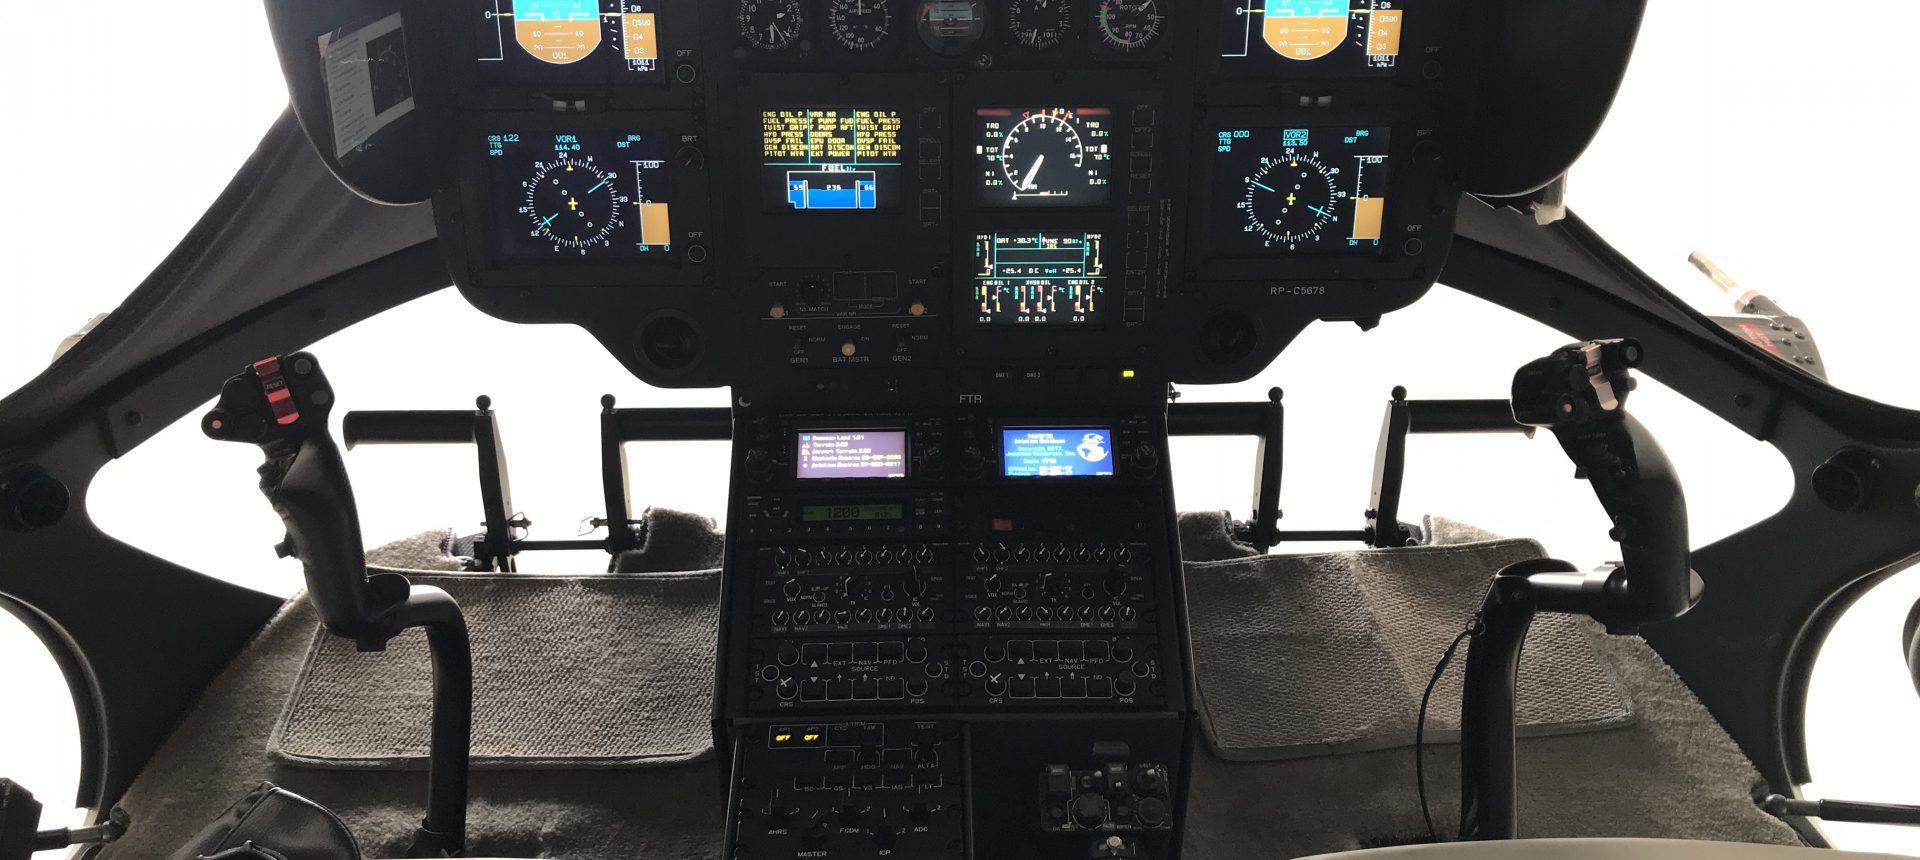 Airbus EC145 Flight Deck